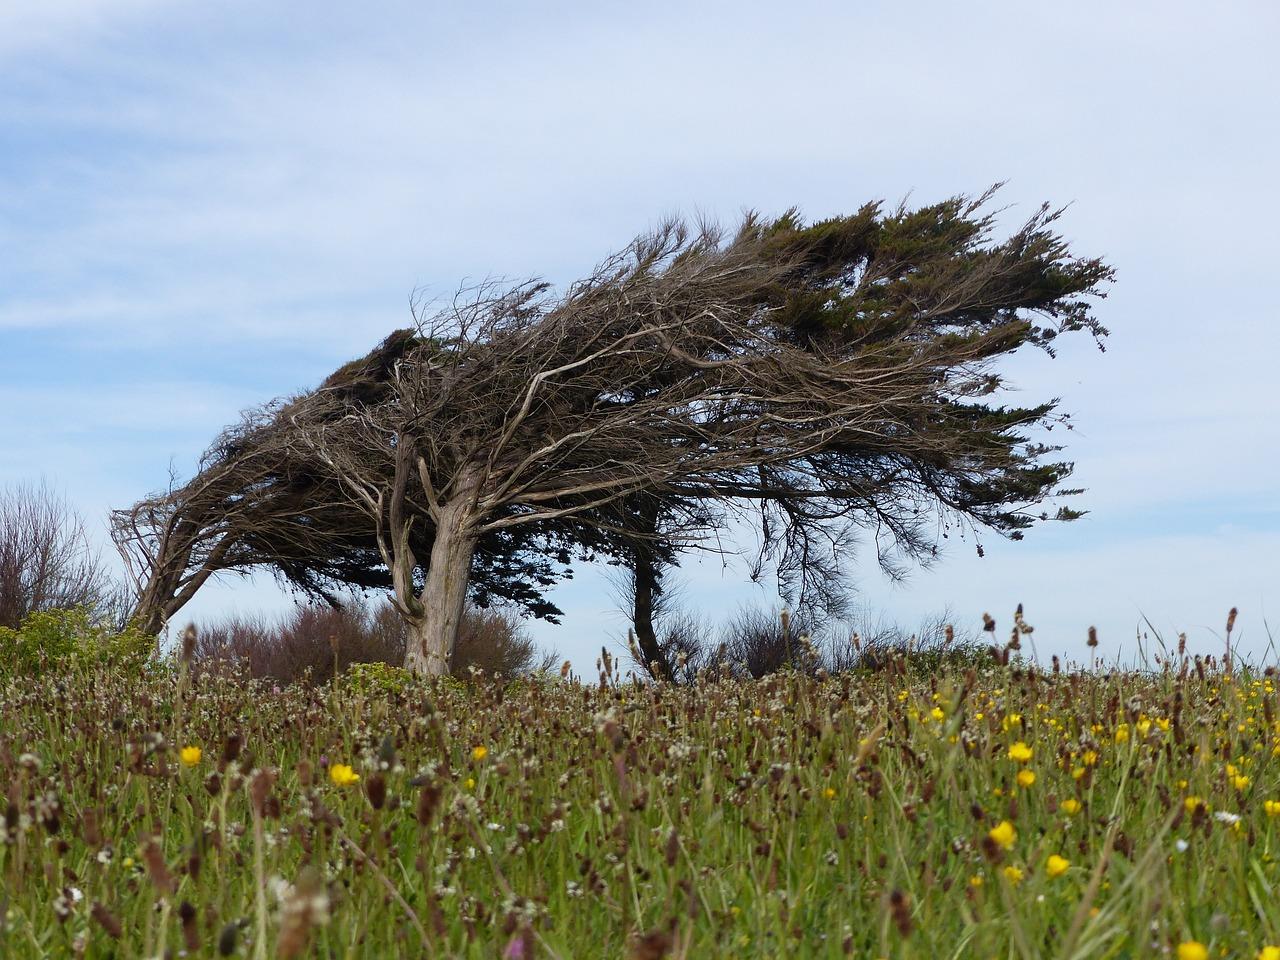 объектов картинки как деревья гнет ветер растение